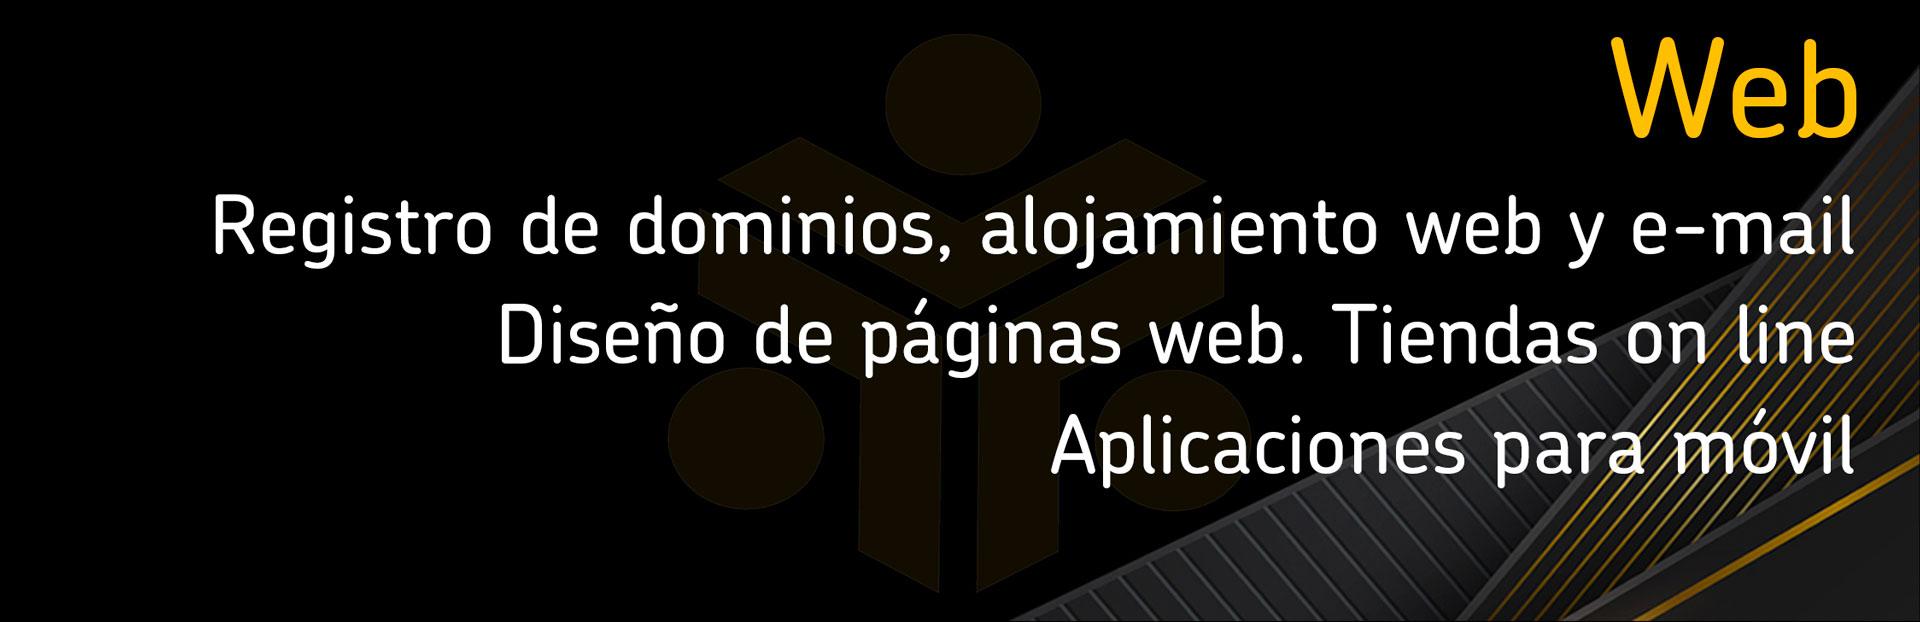 4_web.jpg